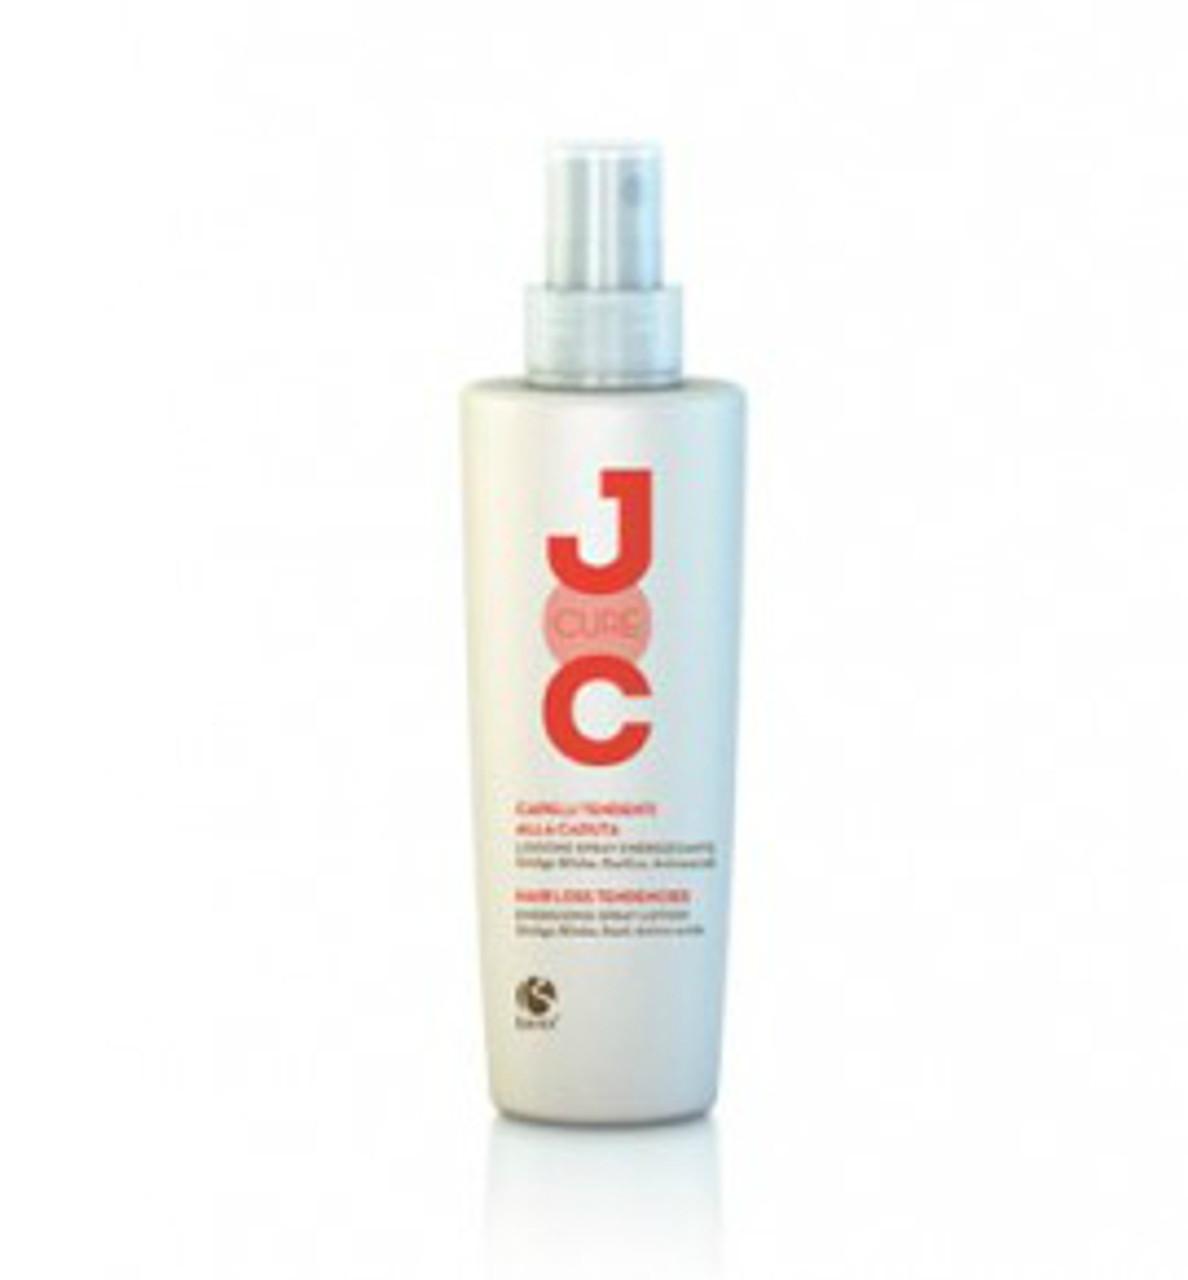 Barex Italiana JOC Energizing Spray Lotion, 150 ml